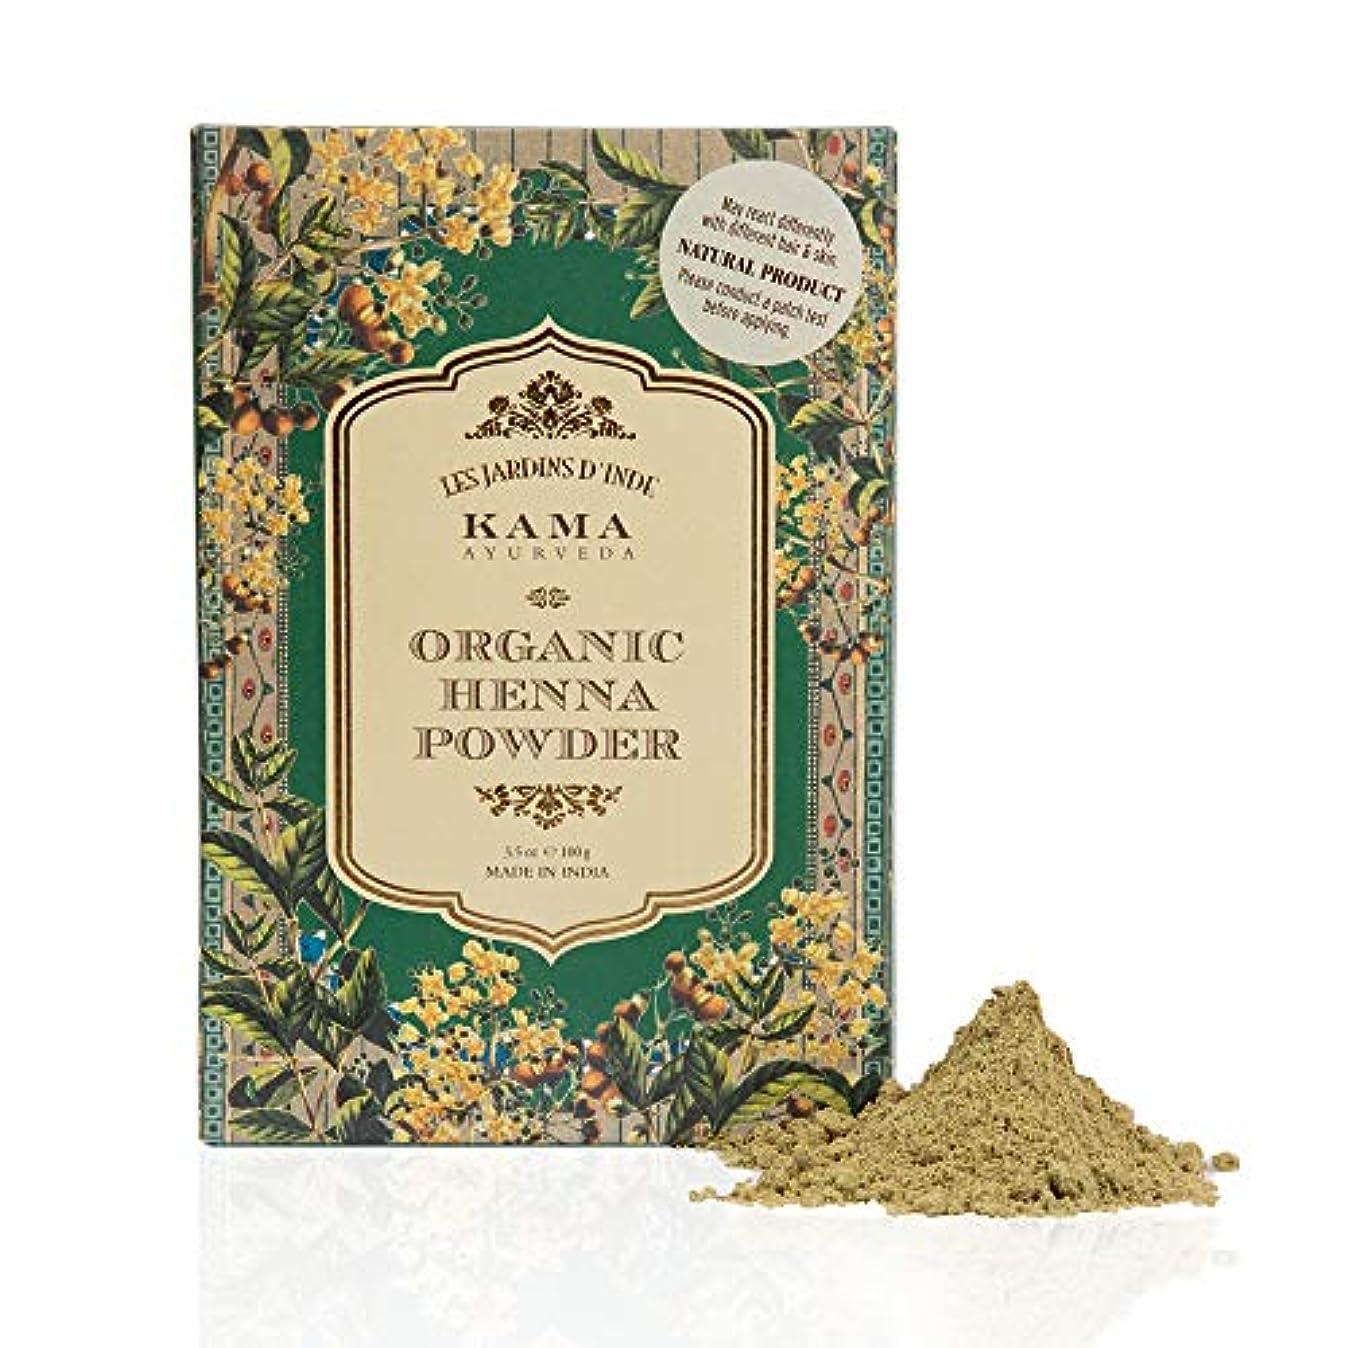 反映する照らすチームKAMA AYURVEDA 100% 有機 オーガニック ヘナ パウダー Organic Henna Powder, 100g